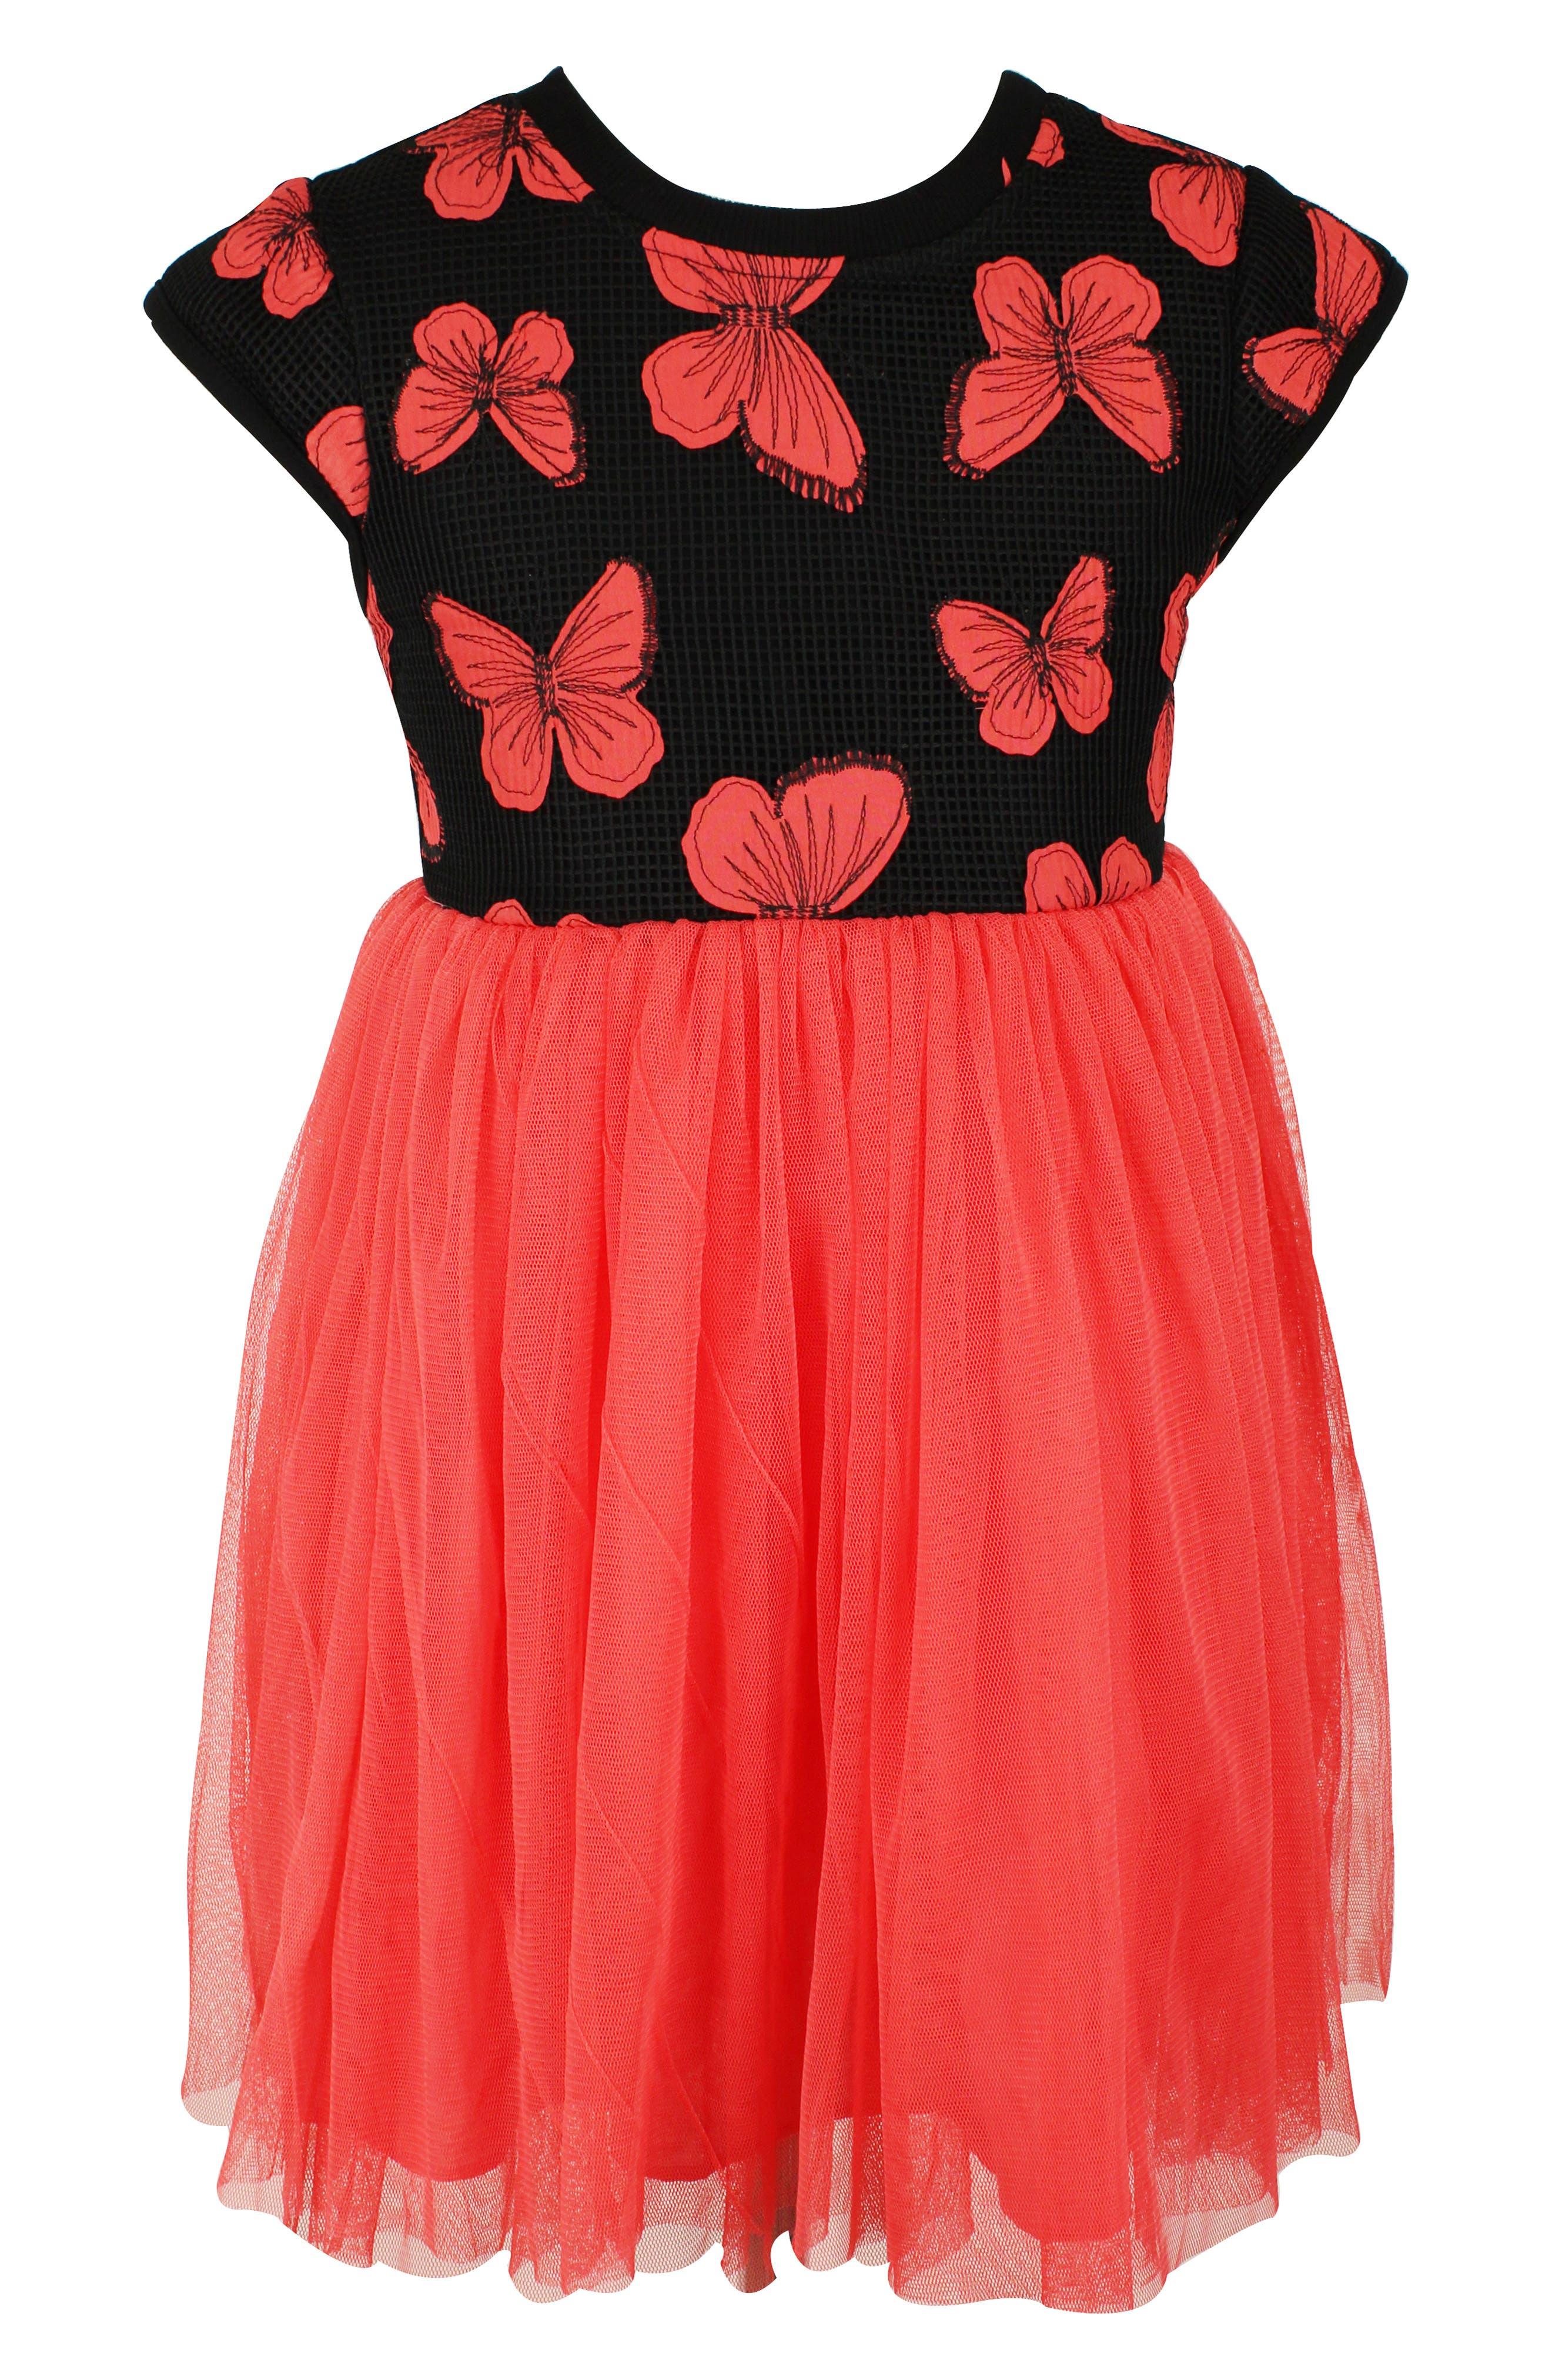 POPATU Butterfly Tutu Dress, Main, color, CORAL/ BLACK